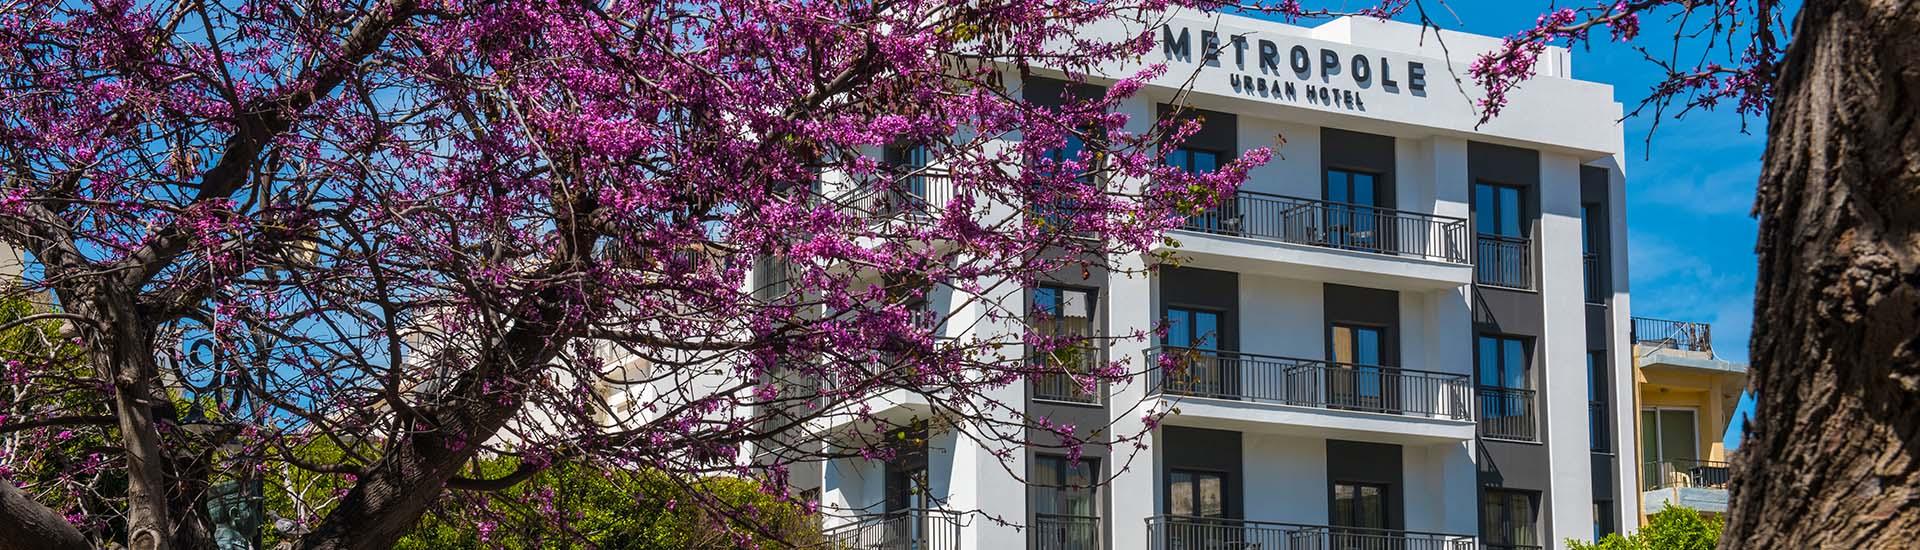 ξενοδοχεια ηρακλειο - Metropole Urban Hotel